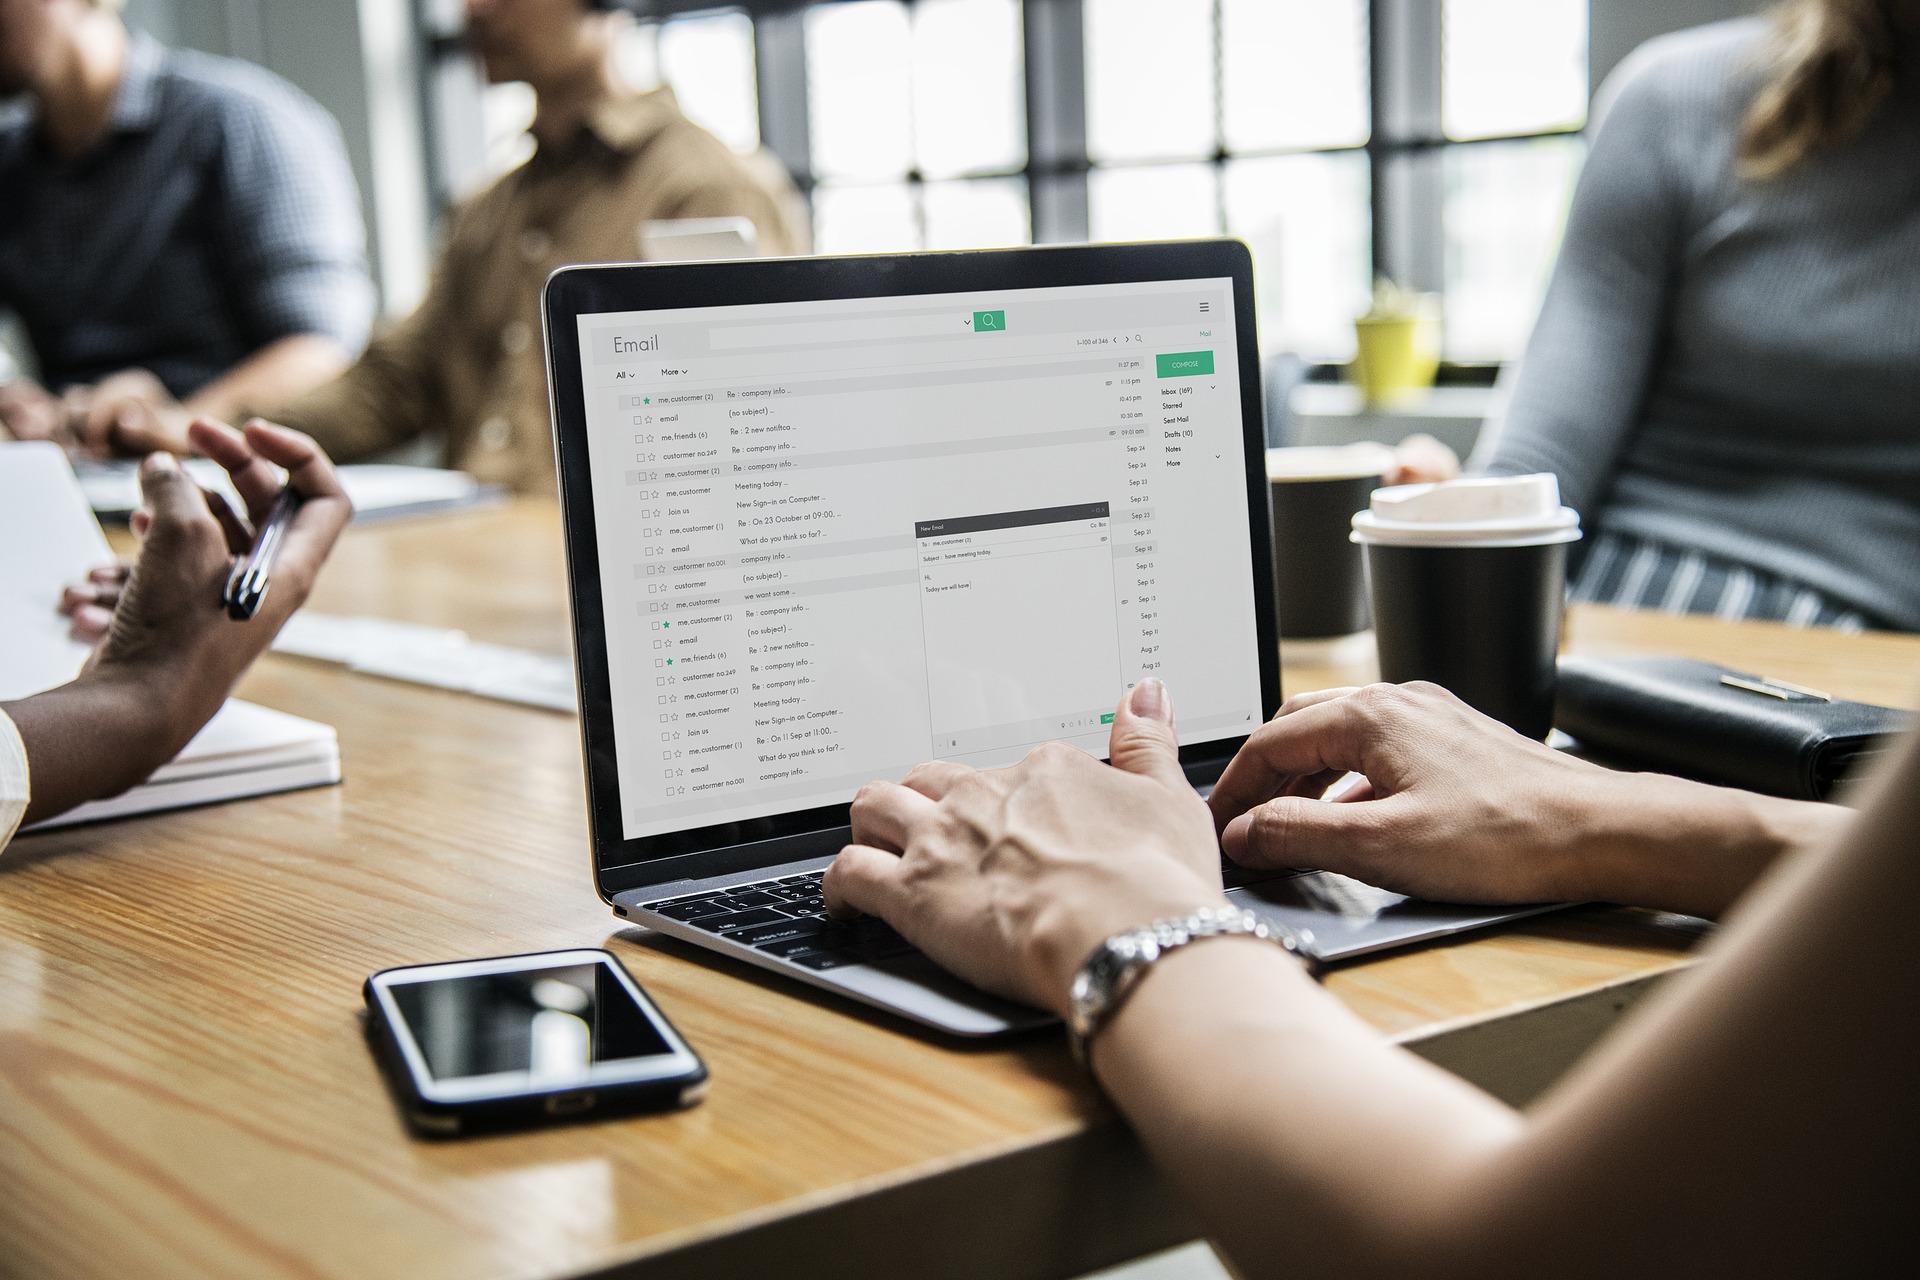 Gestiona tu documentación con software libre